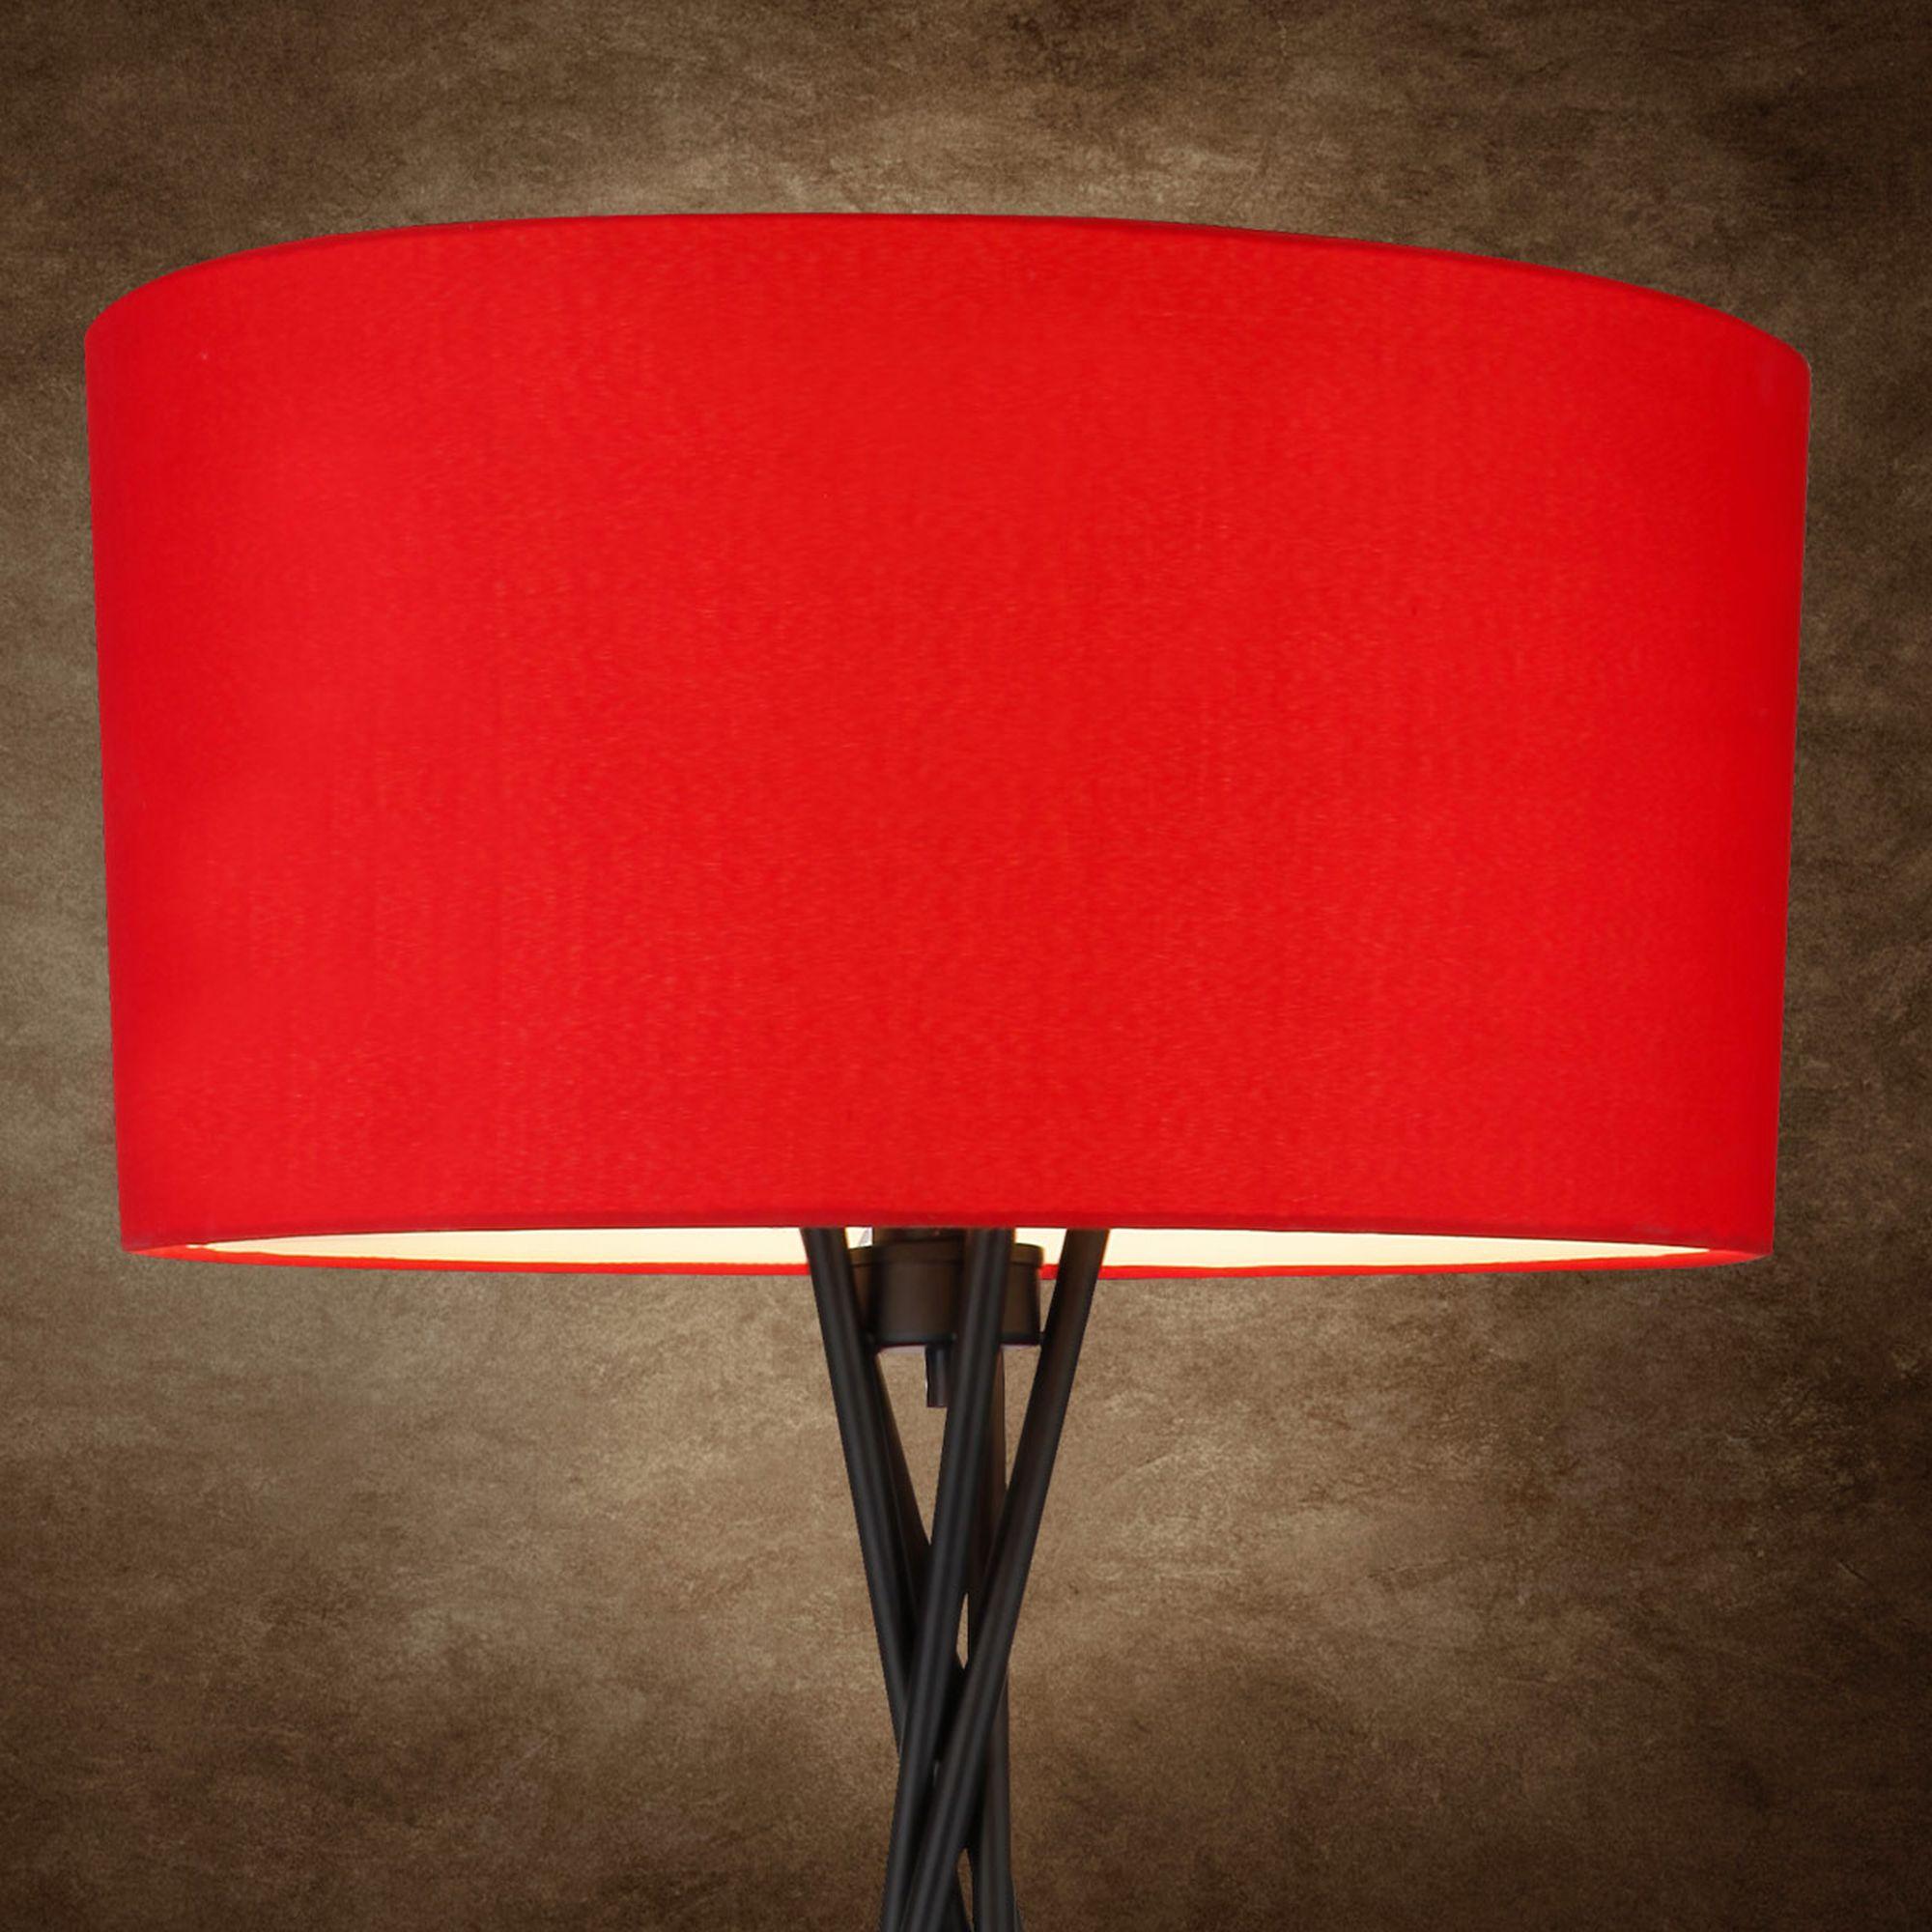 Moderne Stehleuchte Mit Rotem Schirm Und Stilvollem Fuss Diese Leuchte Gibt Jedem Raum Eine Ganz Persnliche Note Verleiht Warme Atmosphre